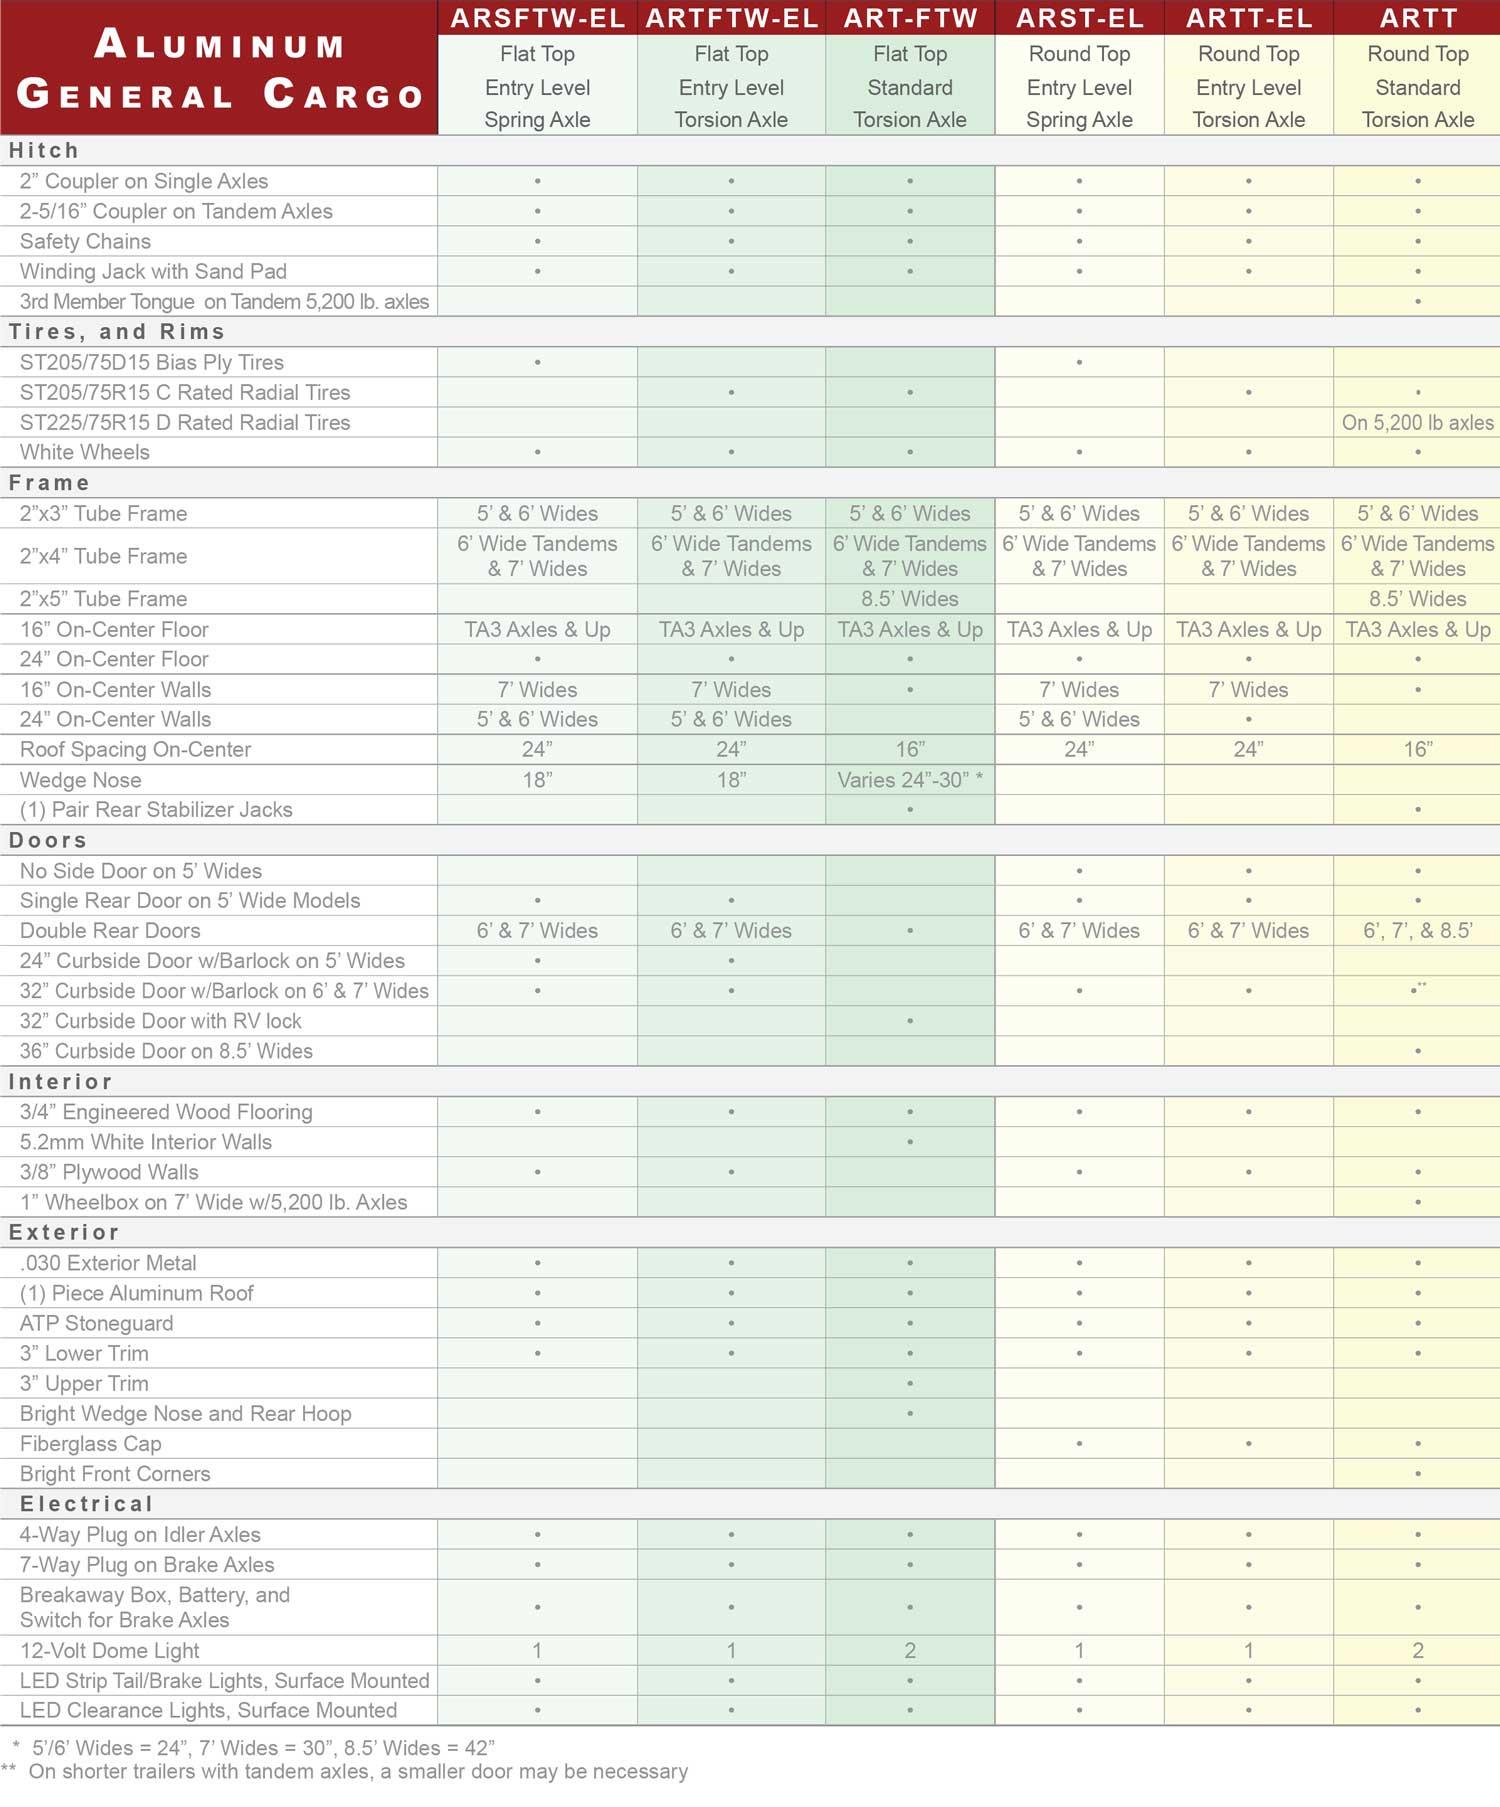 Aluminum Cargo Standards and Specs